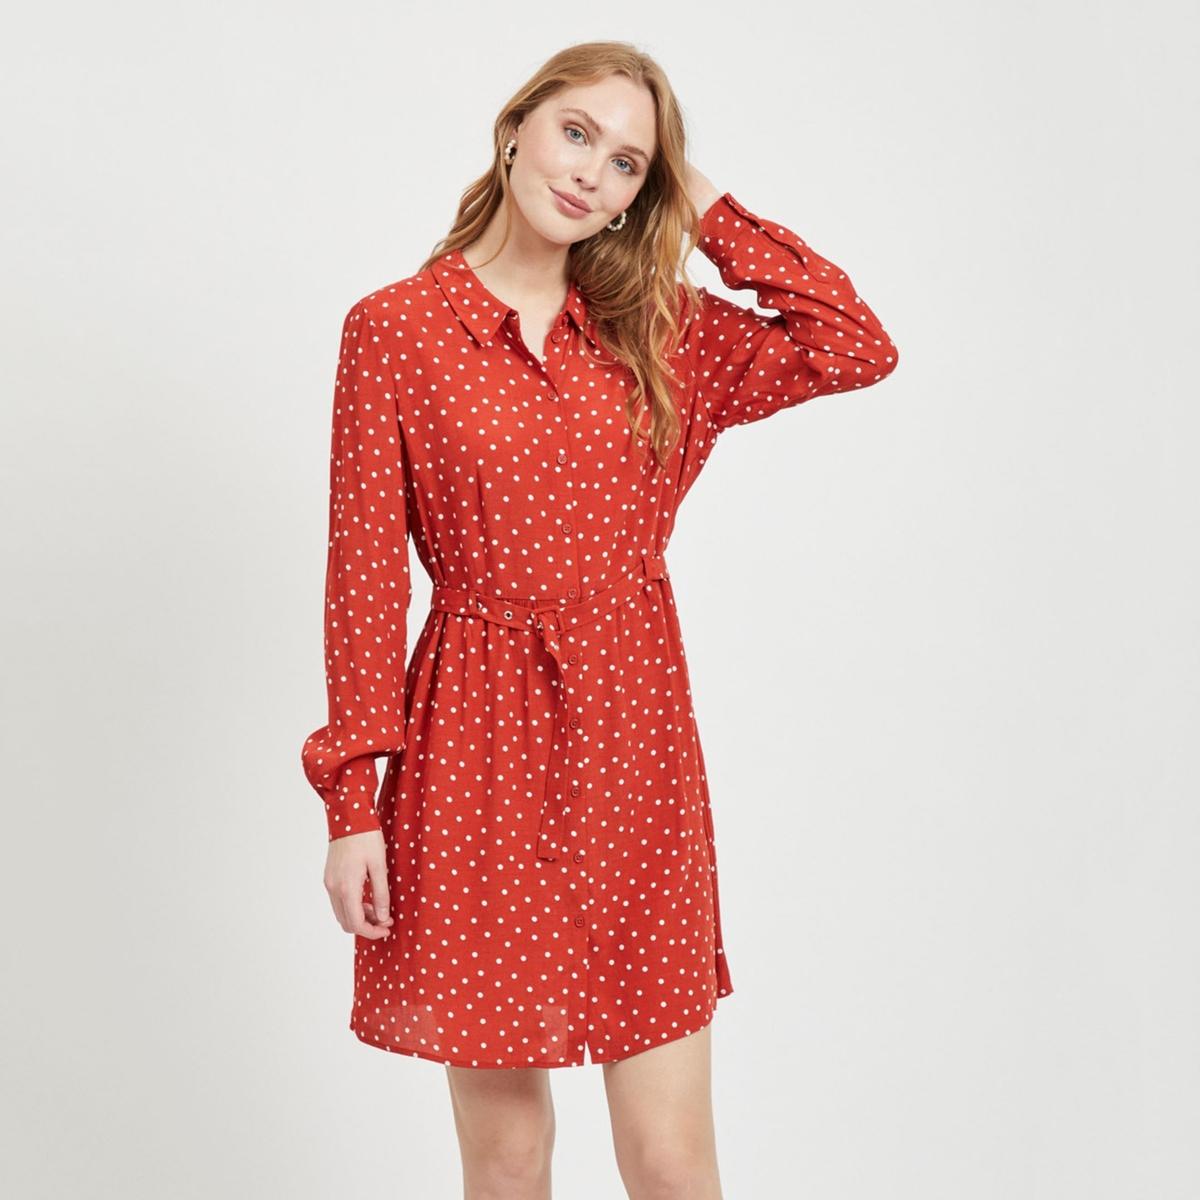 Платье-рубашка La Redoute Расклешенная с рисунком в горошек 34 (FR) - 40 (RUS) красный цены